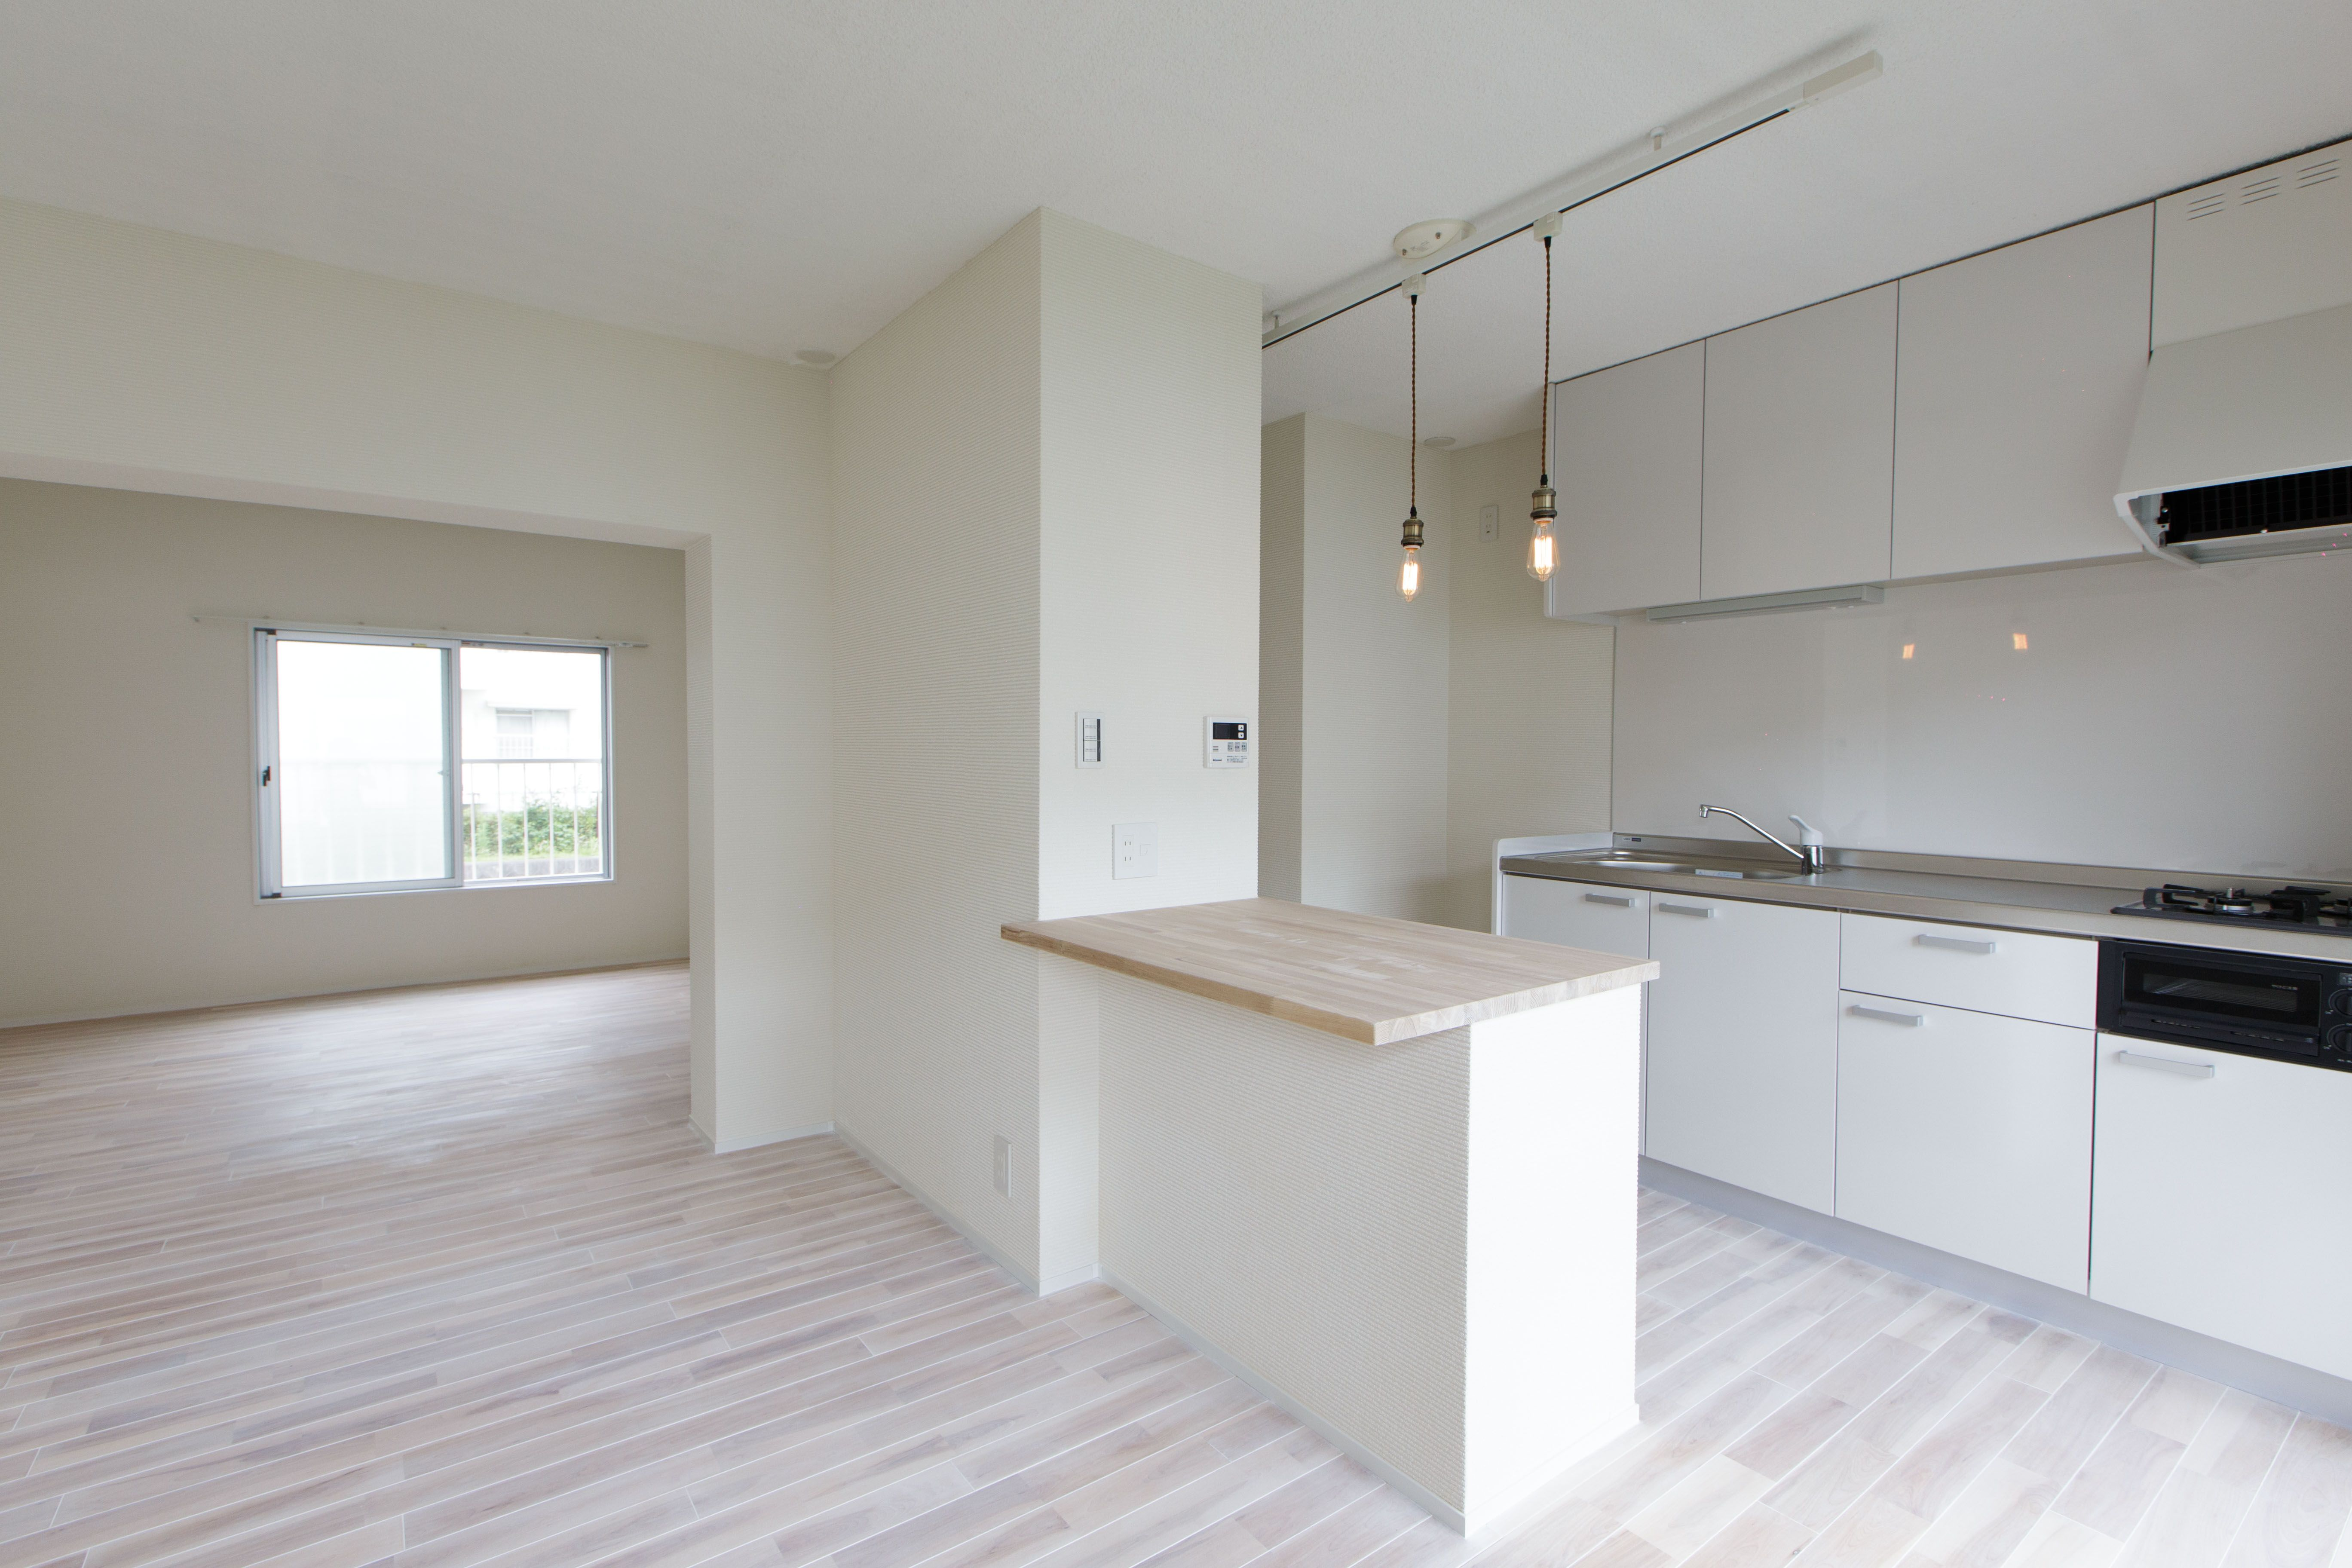 ダイニングキッチンは真っ白な お部屋で清潔感のあるリノベーションに